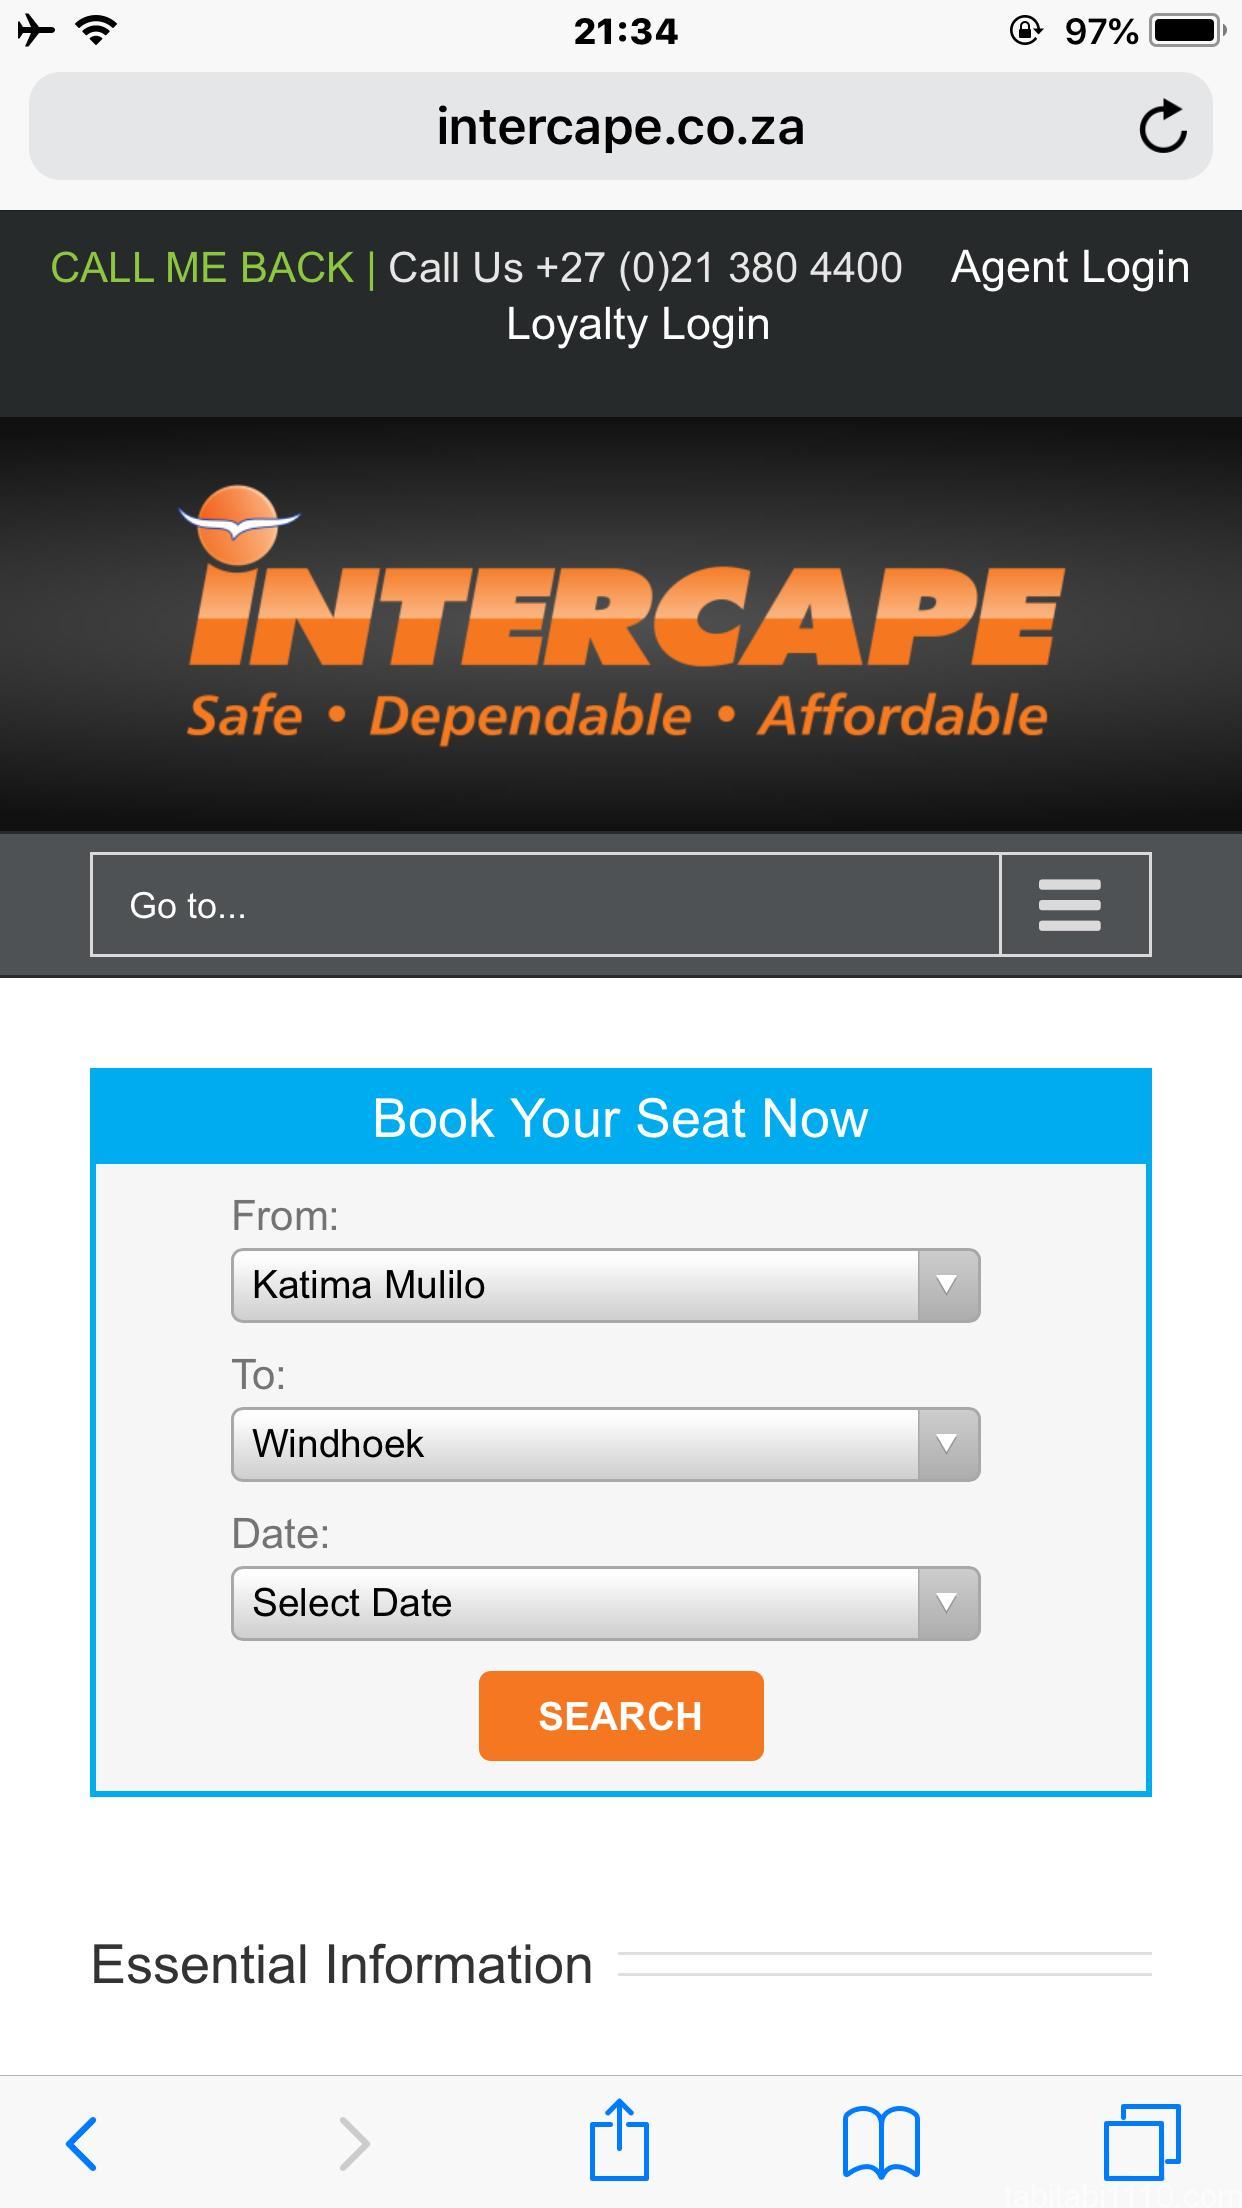 カティマムリロ→ウィントフック |インターケープ社の検索画面